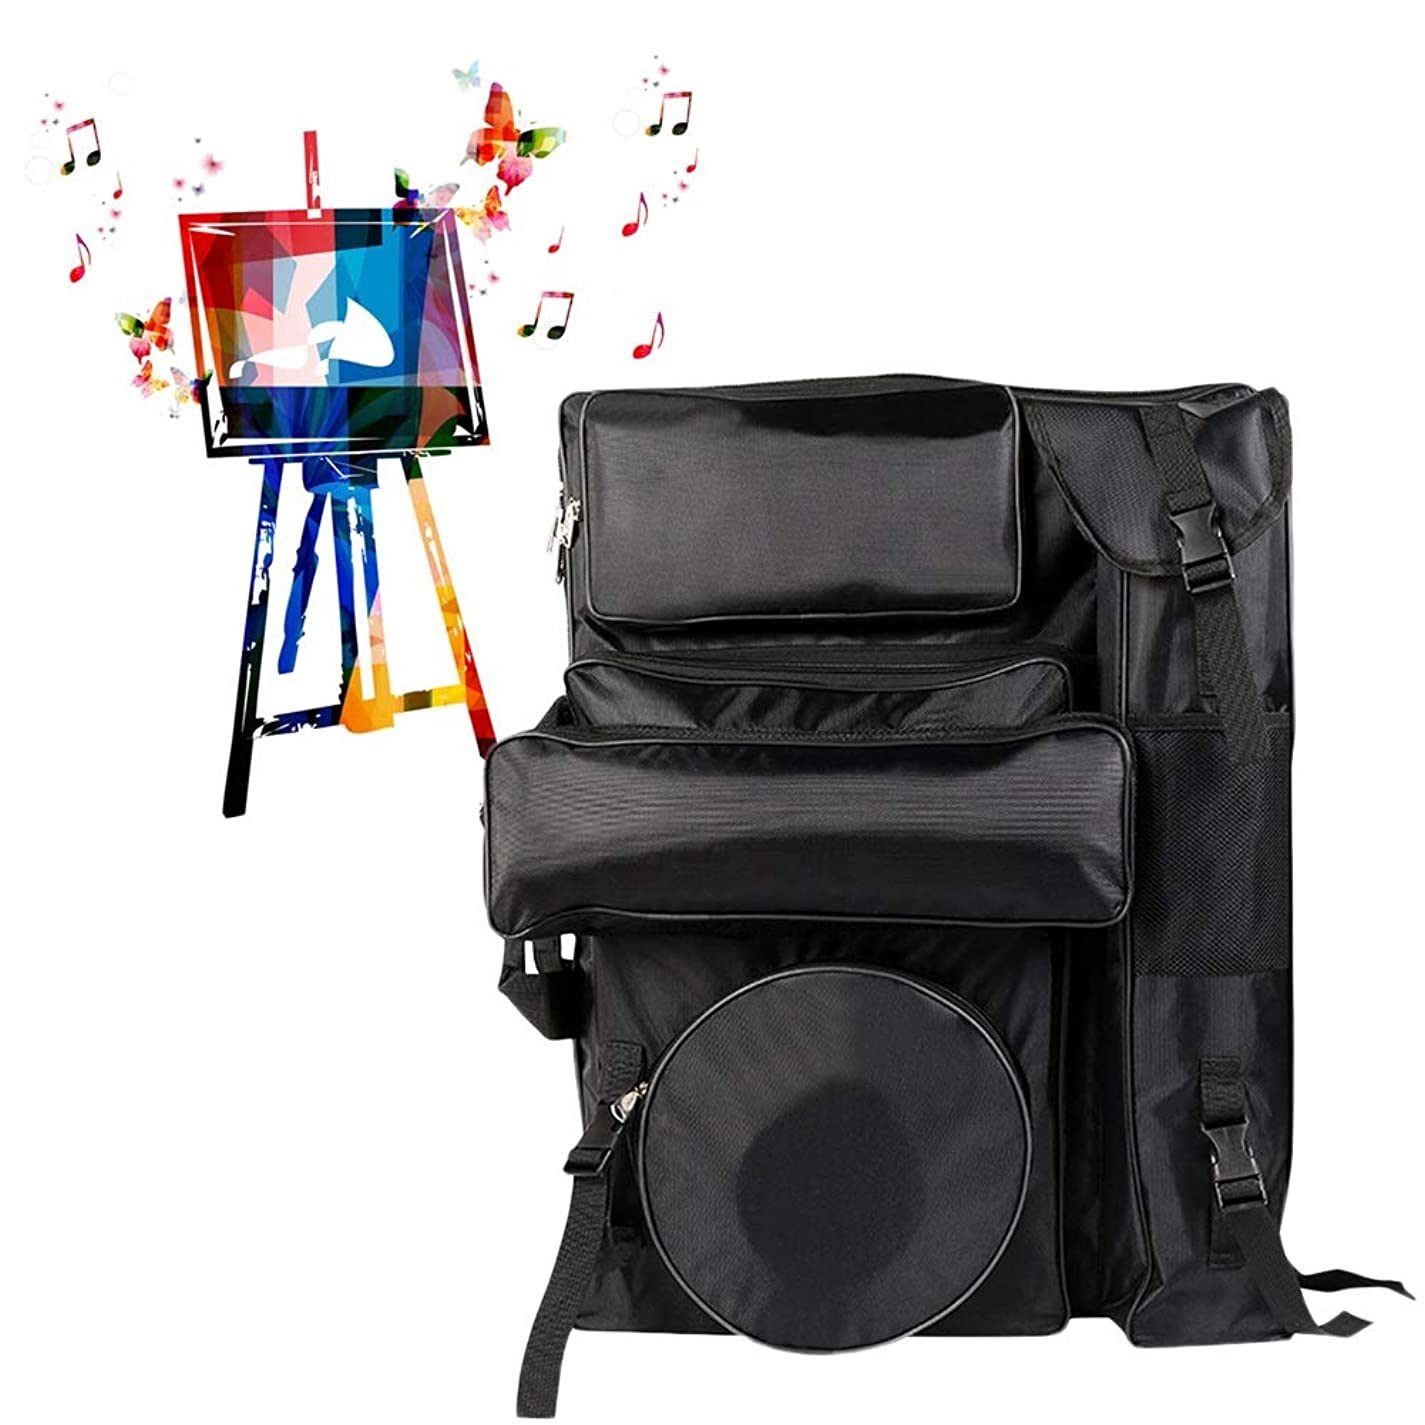 学習者血色の良い共感するイーゼルバッグアートポータブル用品アクセサリーキャンバススケッチツールをペイントする学生 SHANCL (Color : Black)